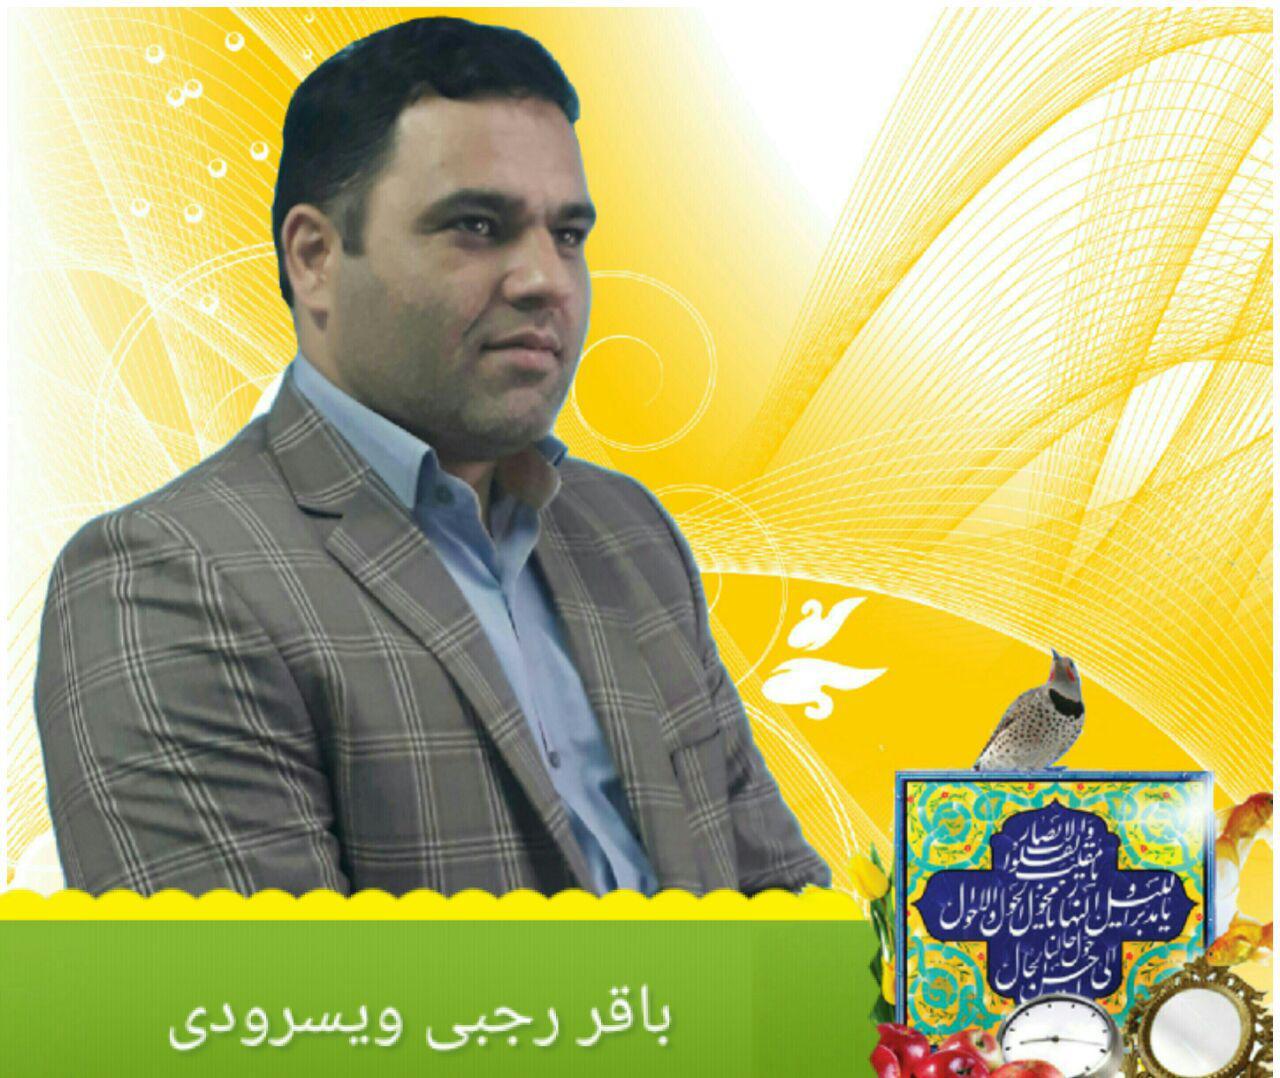 کارکردهای اجتماعی نوروز در ایران